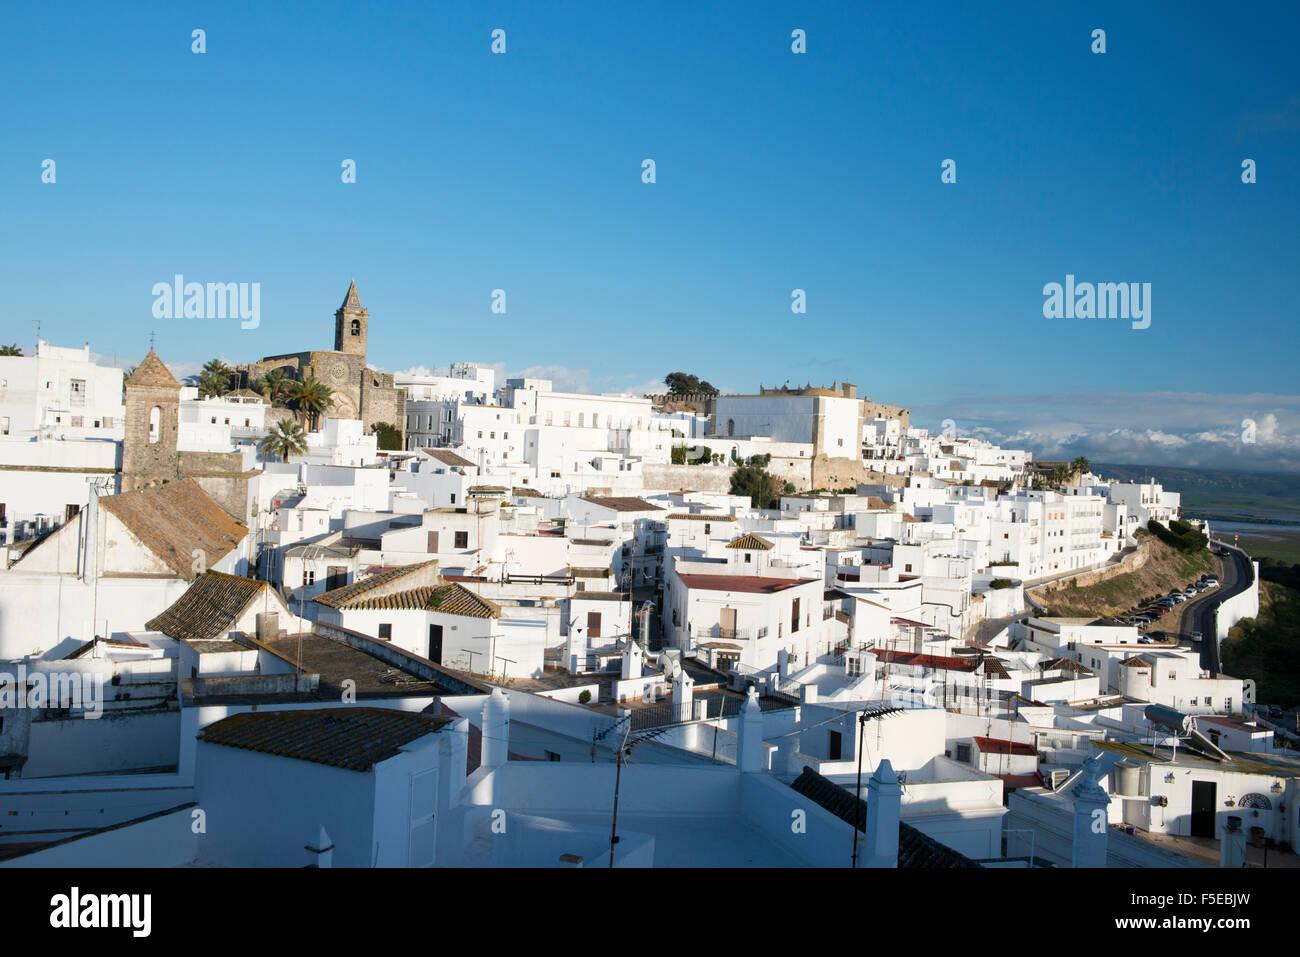 La vue sur les toits du village blanc (Pueblos blanca) de Vejer de la Frontera, province de Cadiz, Andalousie, Espagne, Photo Stock